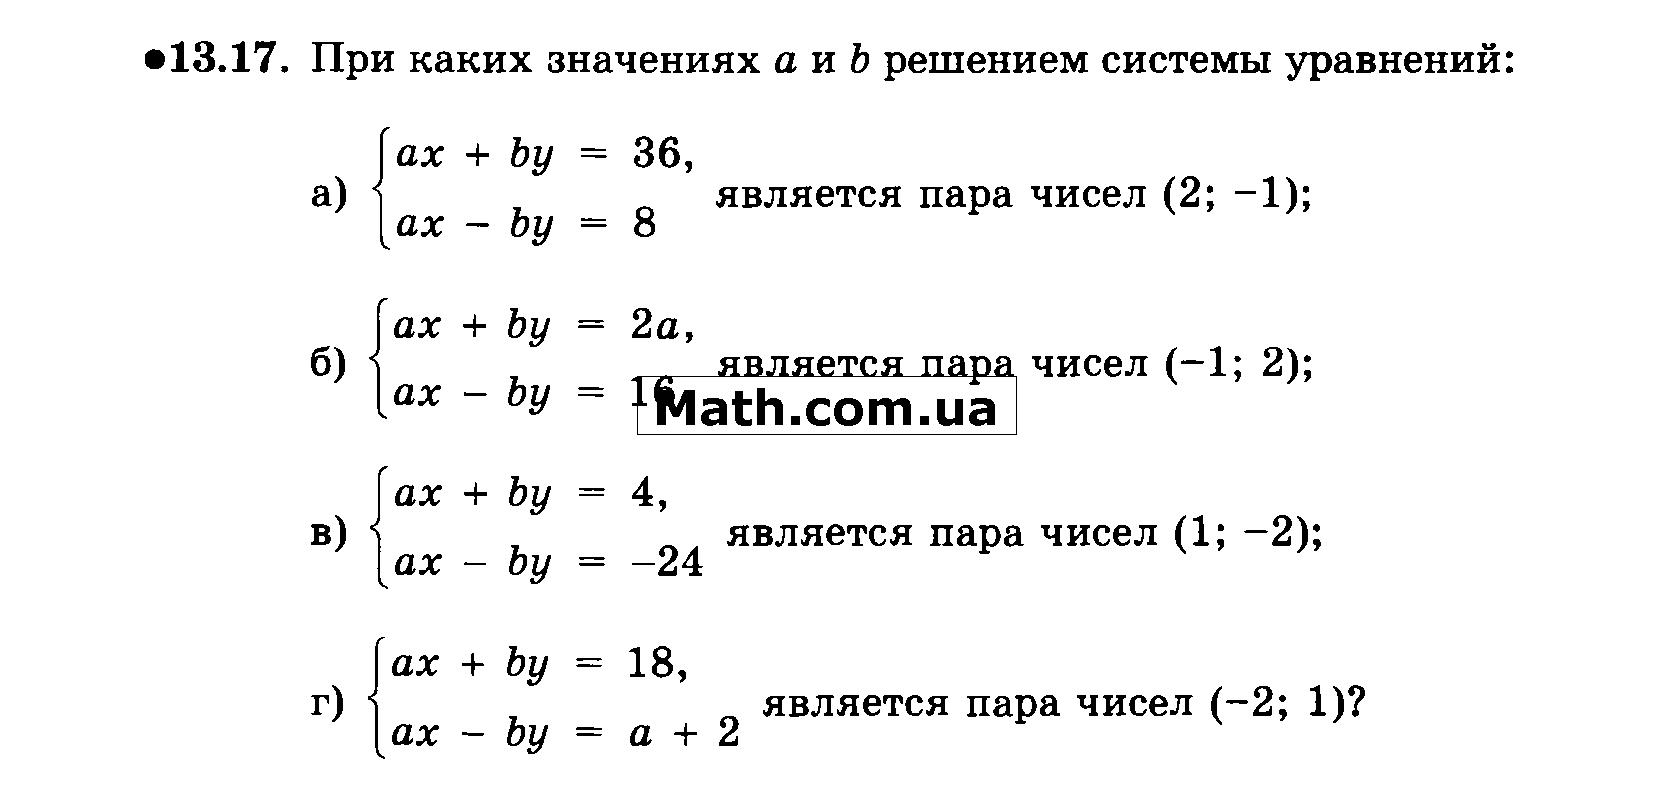 Гдз по русскому языку класса кропачева а.а